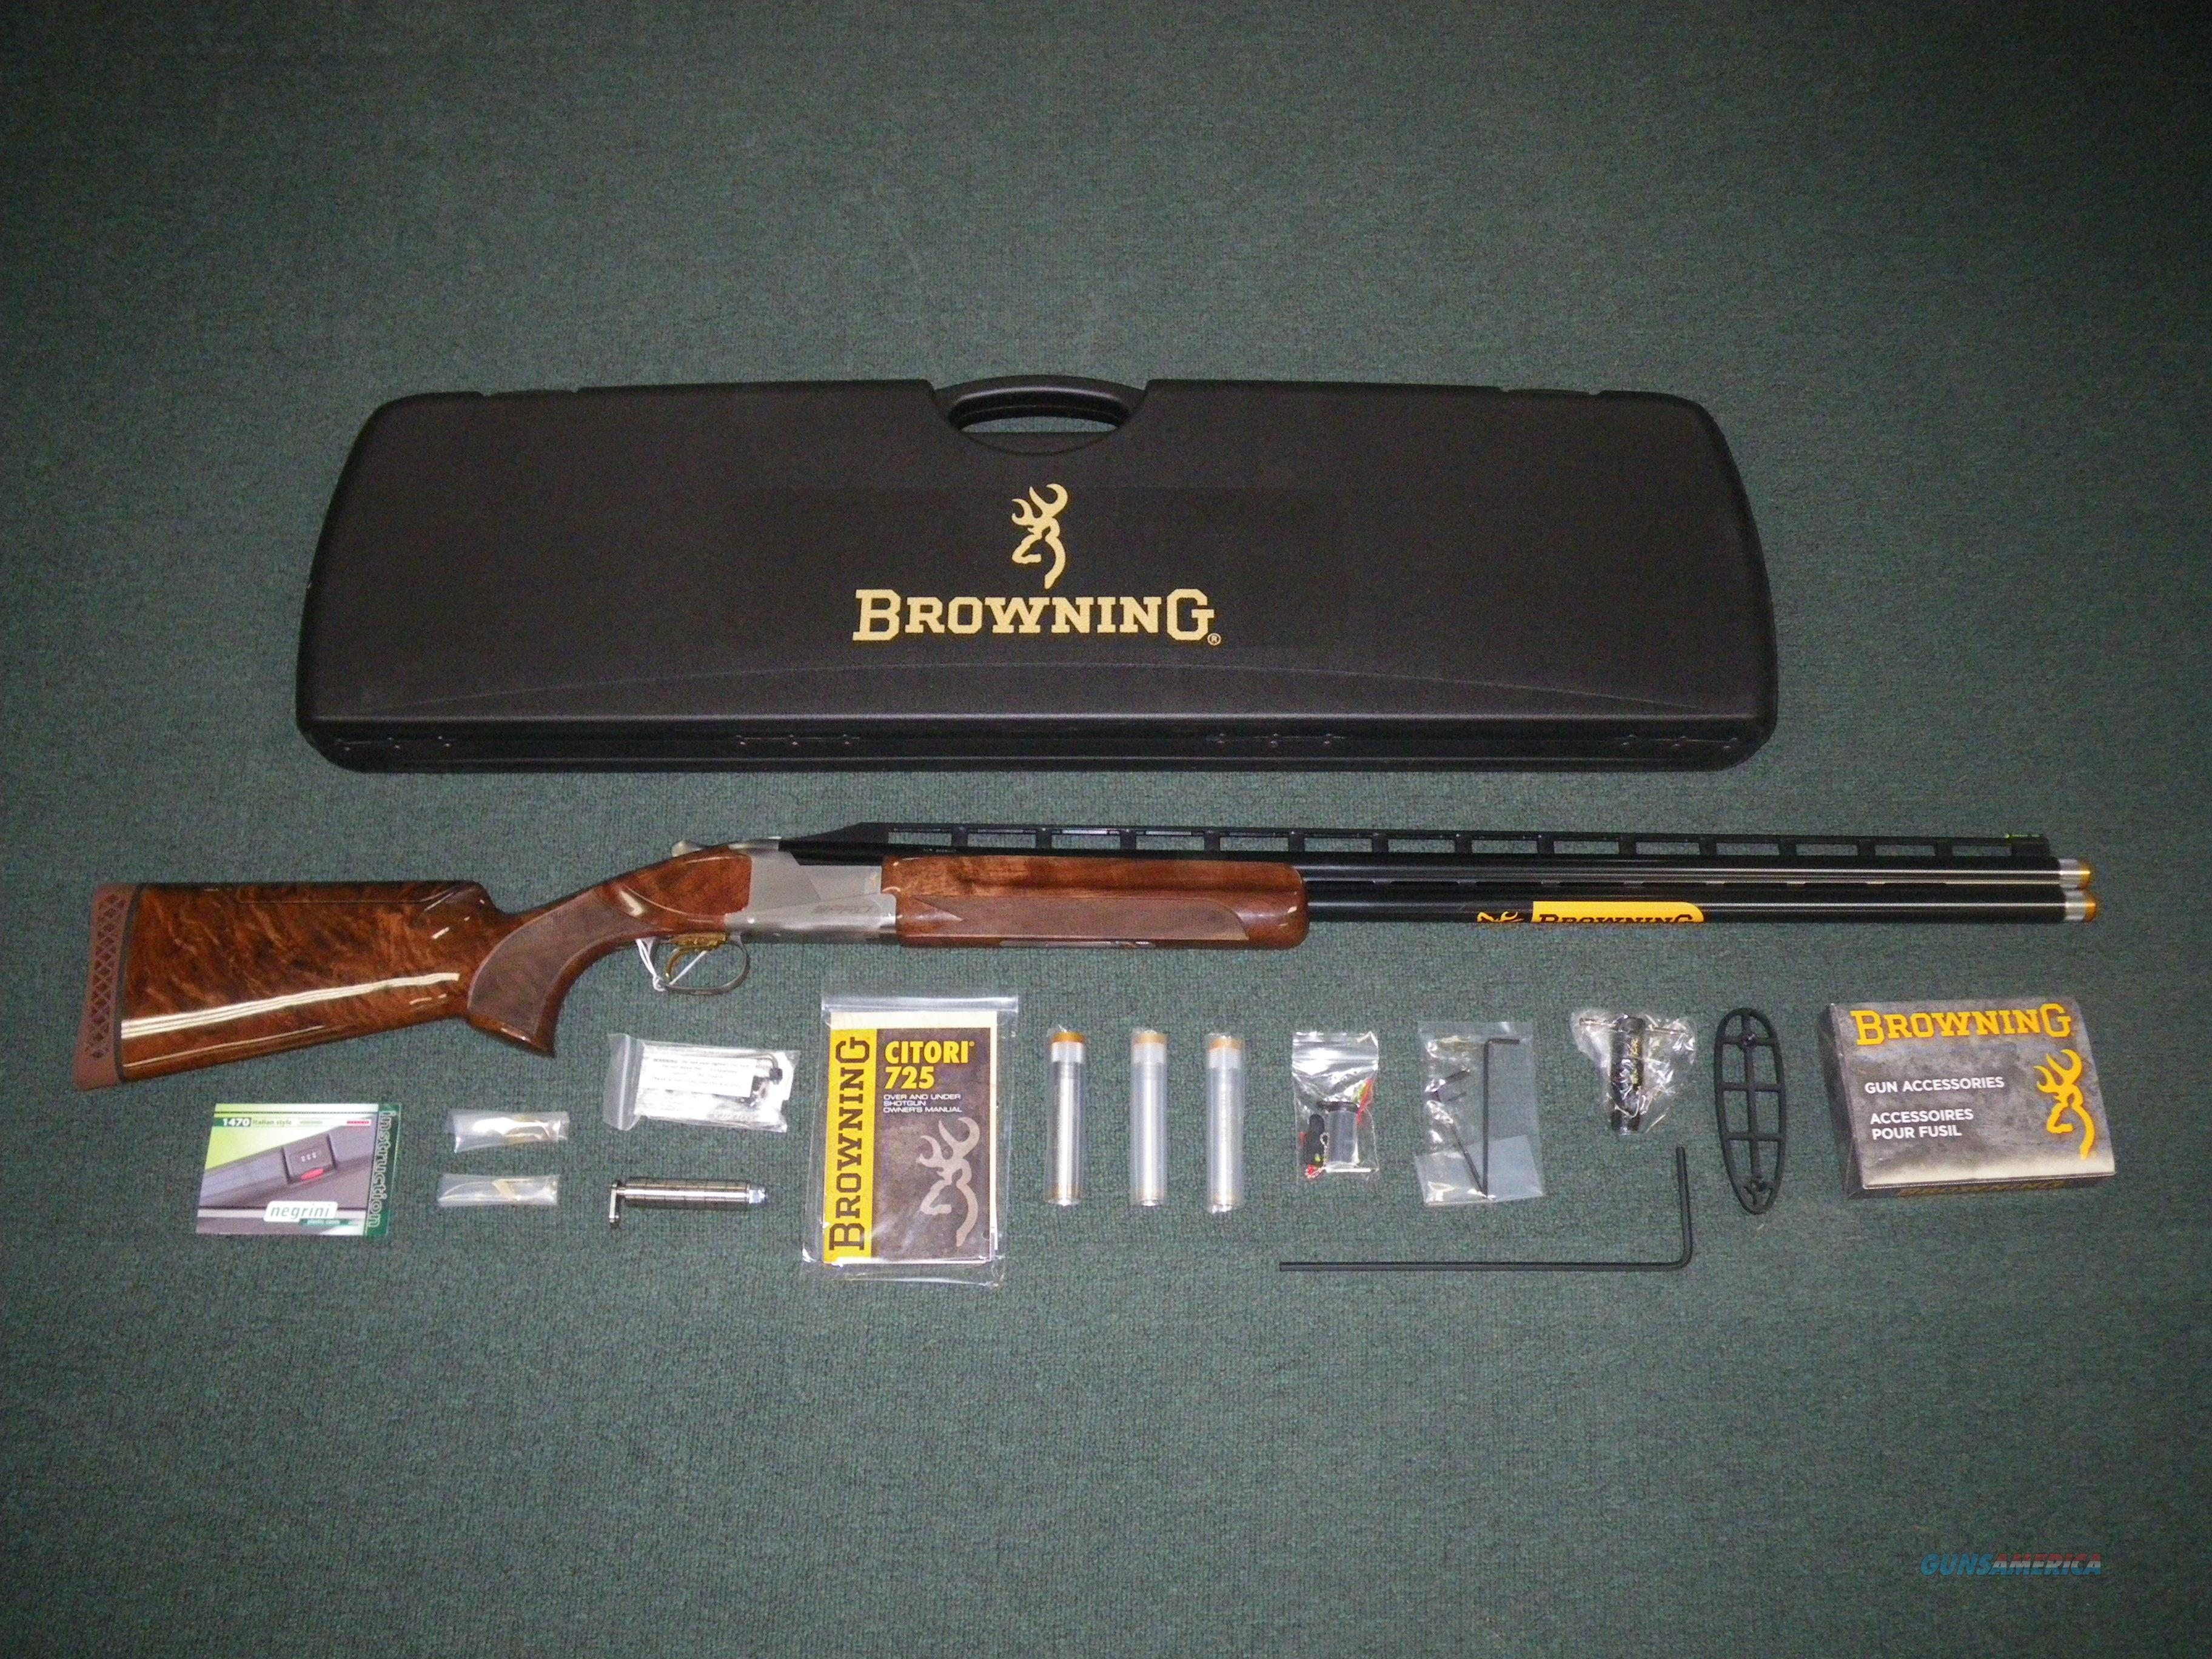 """Browning Citori 725 Pro Trap 12ga 32"""" Adj Comb NIB #0180033009  Guns > Shotguns > Browning Shotguns > Over Unders > Citori > Hunting"""